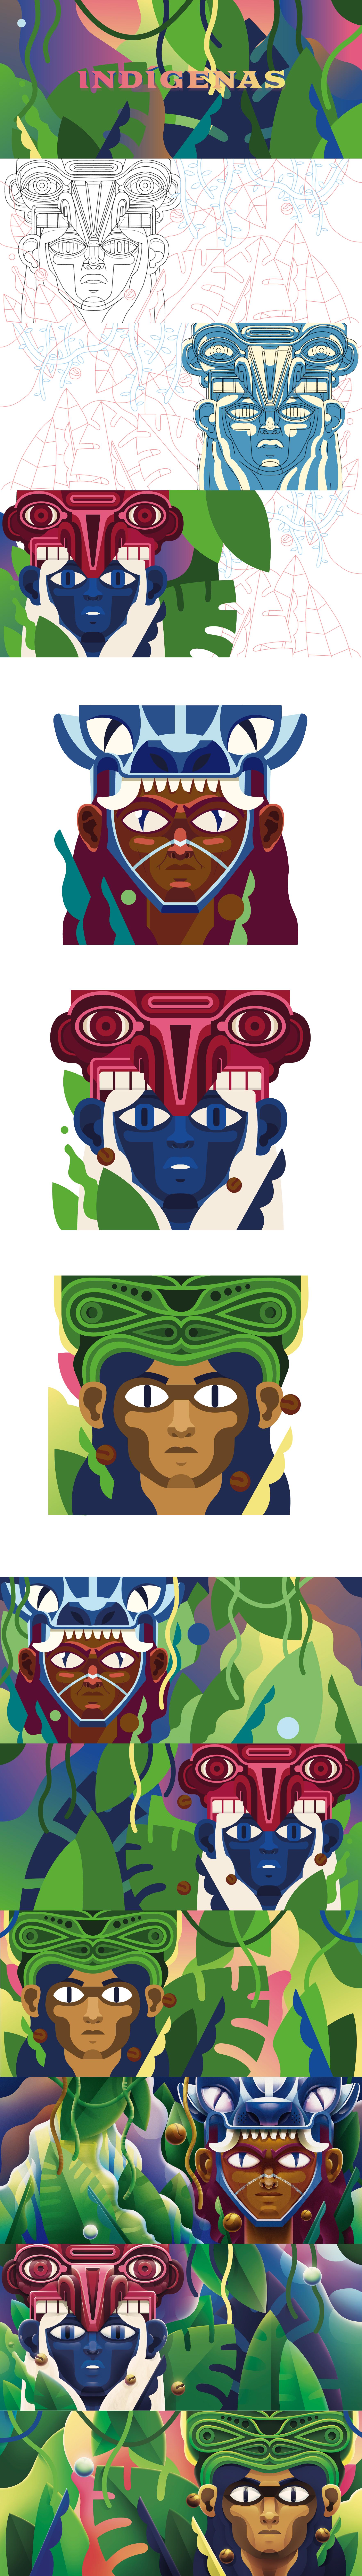 proceso-trabajo-cmondeja-indigenas